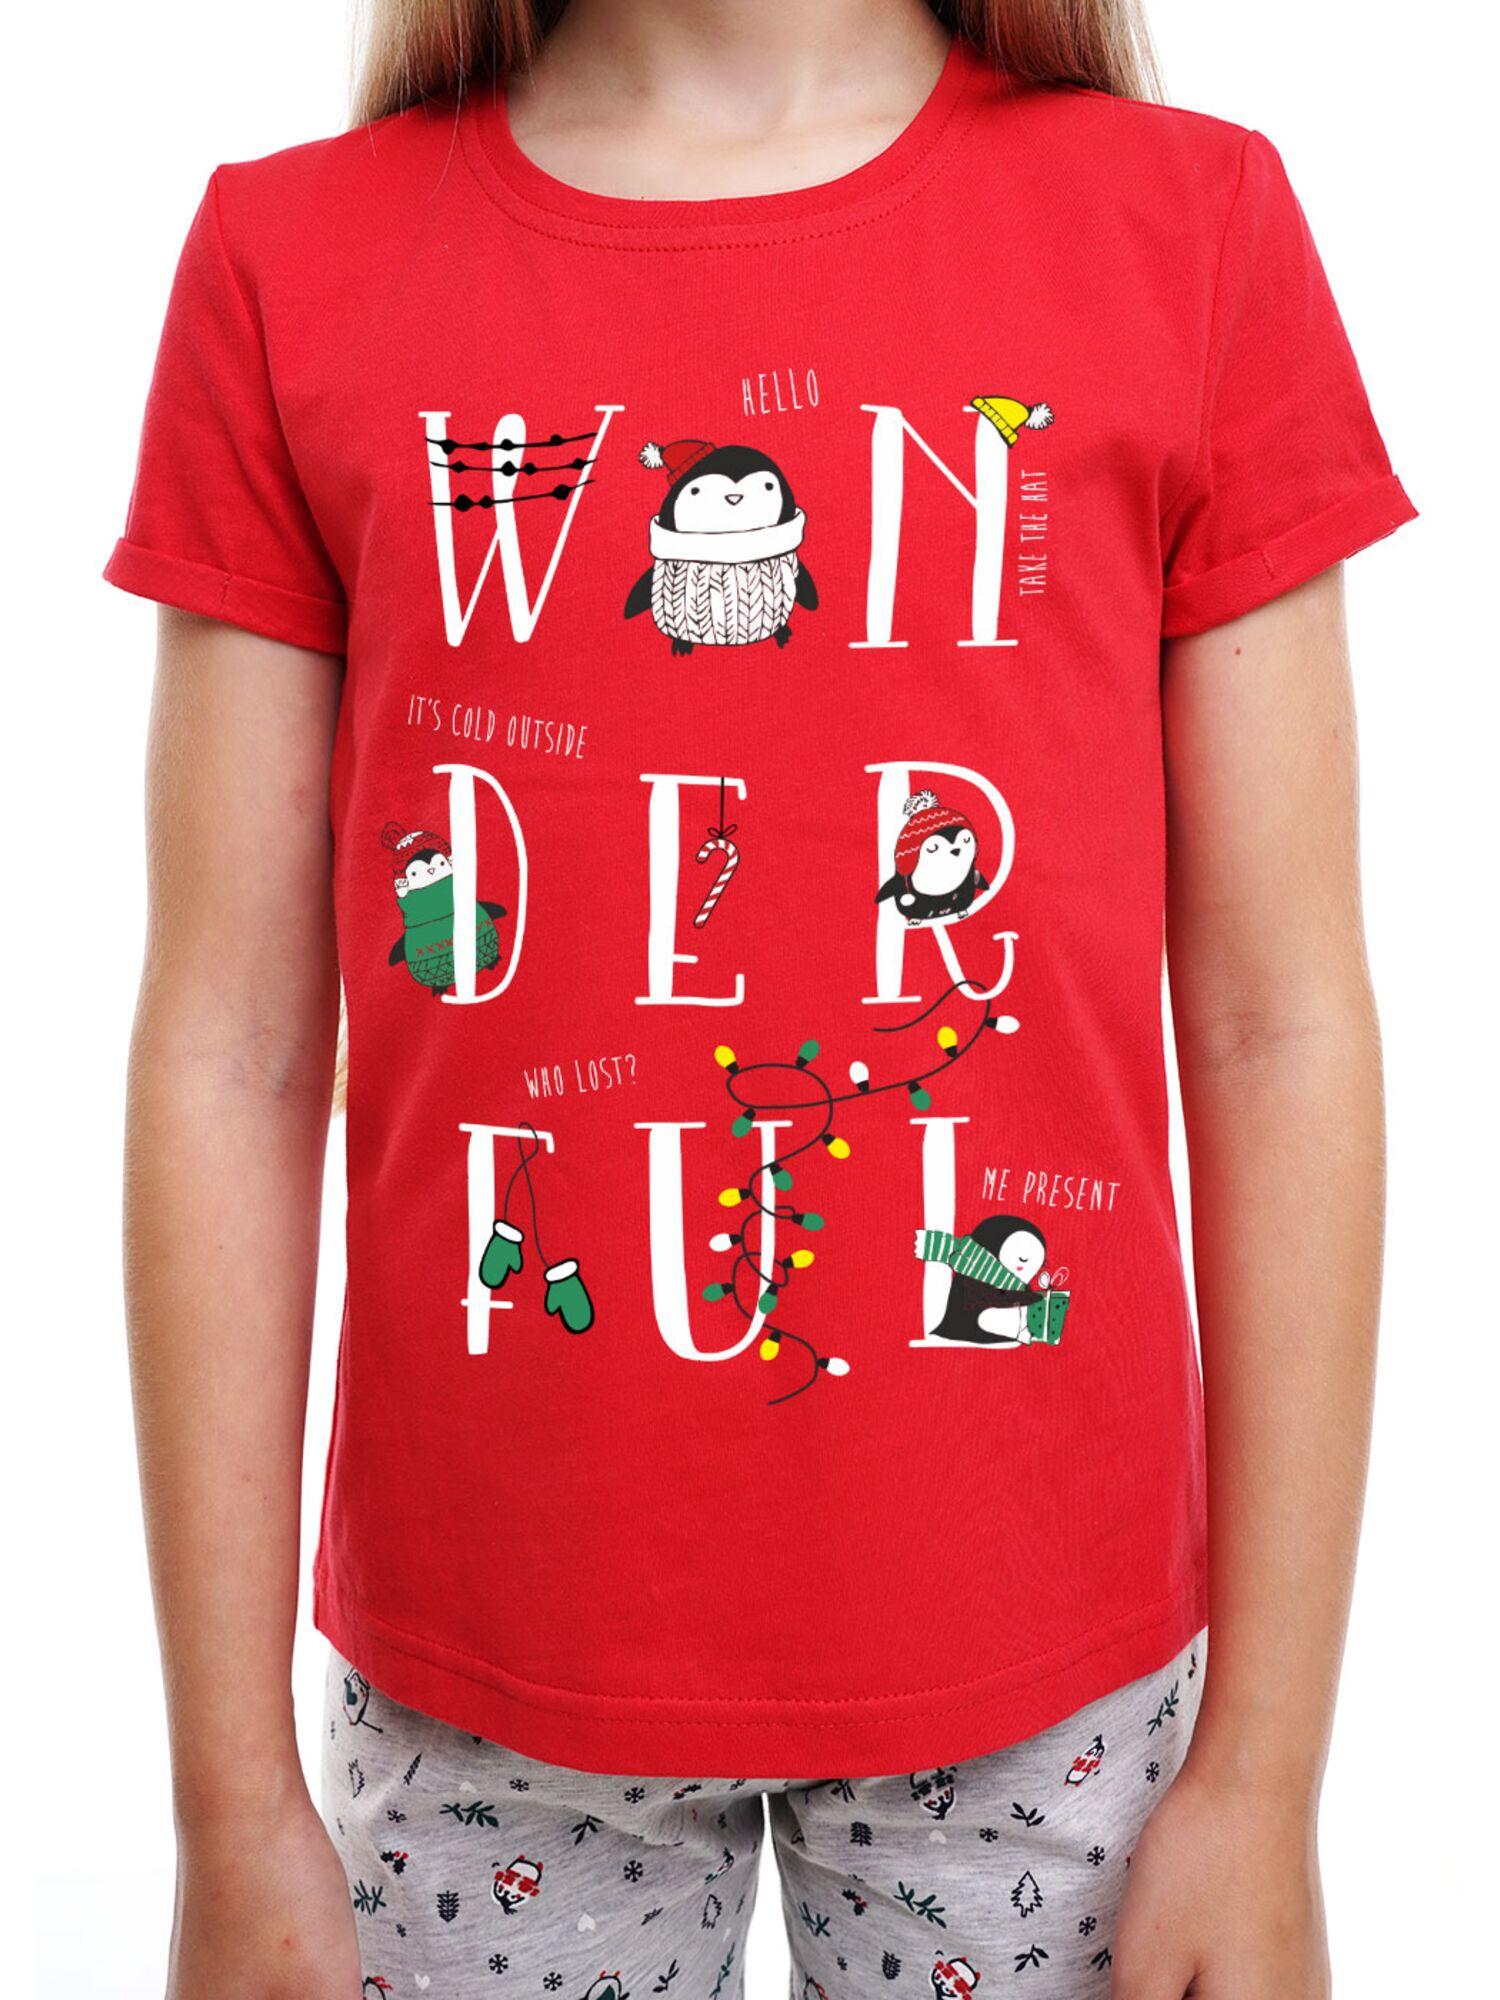 Детская хлопковая пижама для девочки CLE 793518/НГ серый/красный, Clever